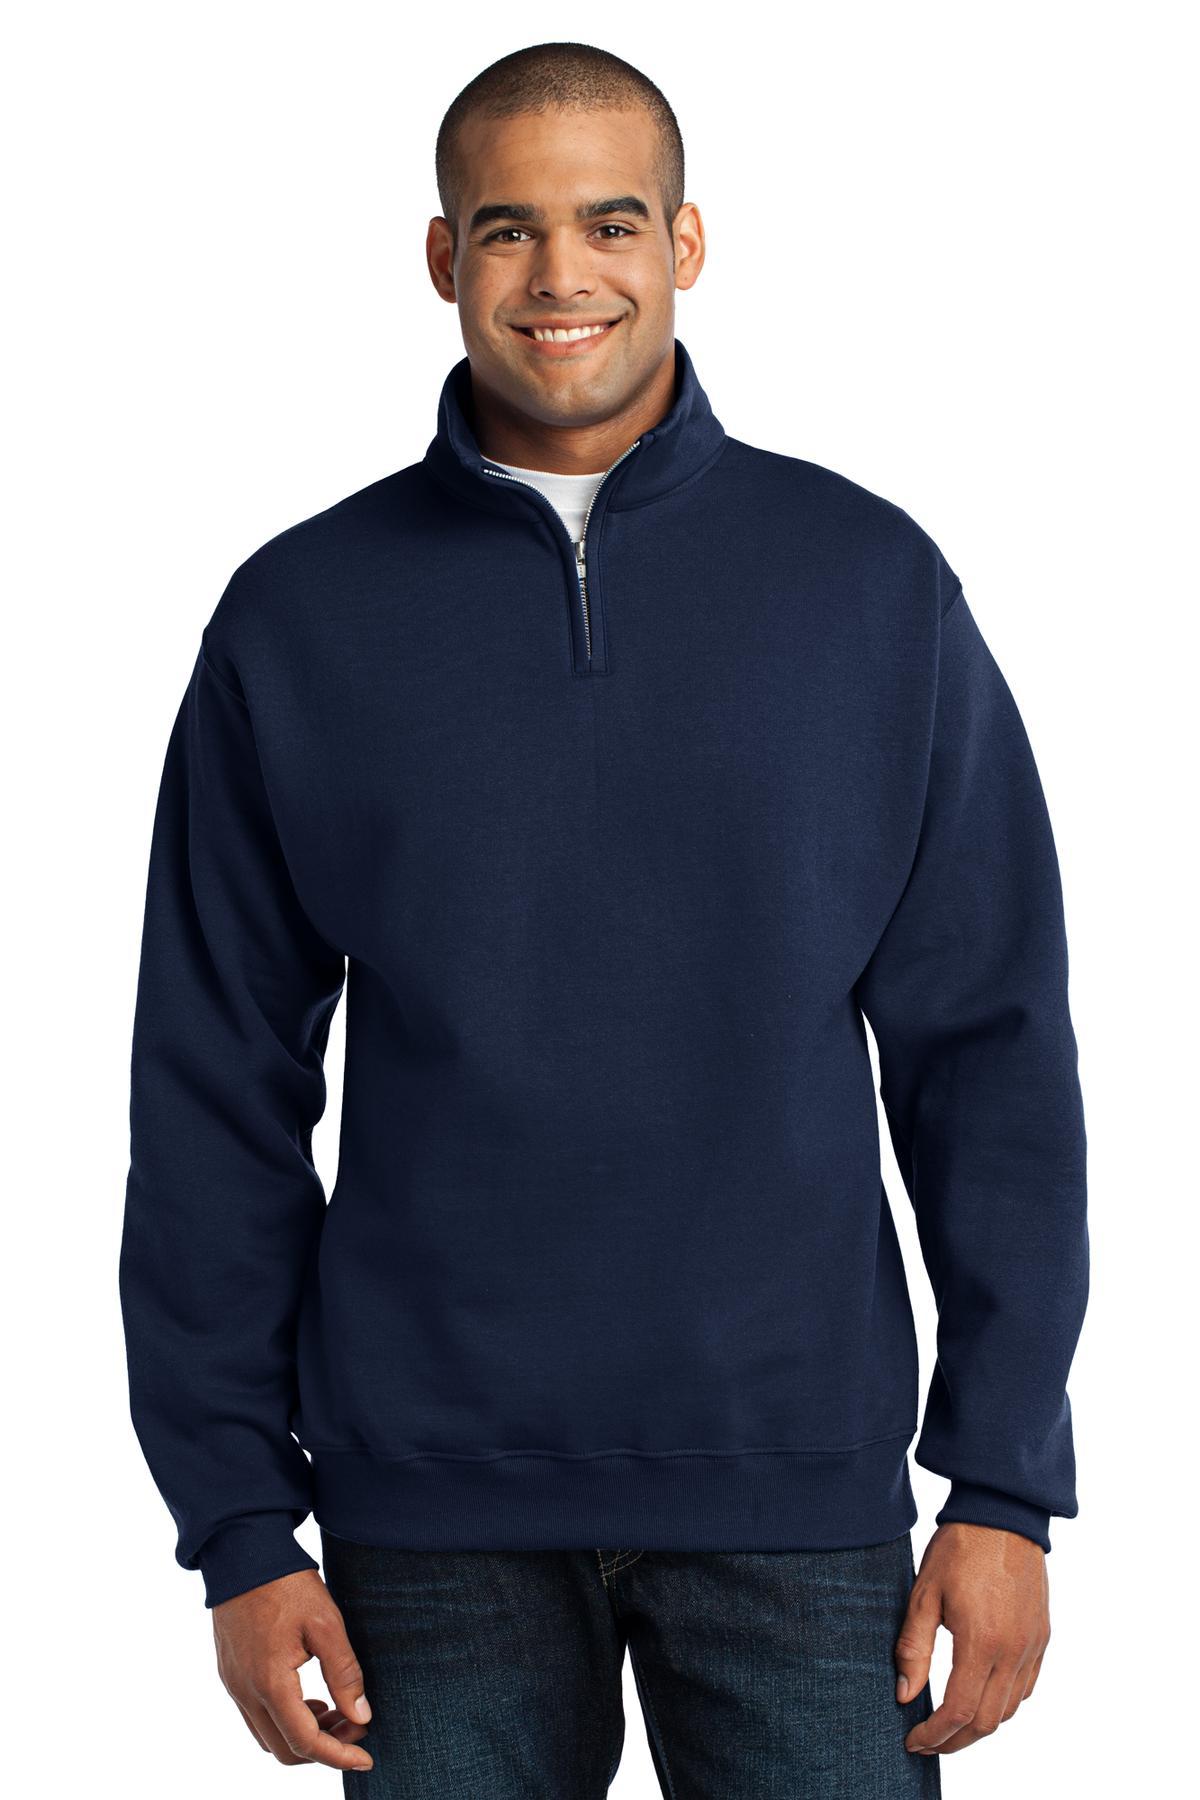 Sweatshirts-Fleece-Half-Quarter-Zip-1